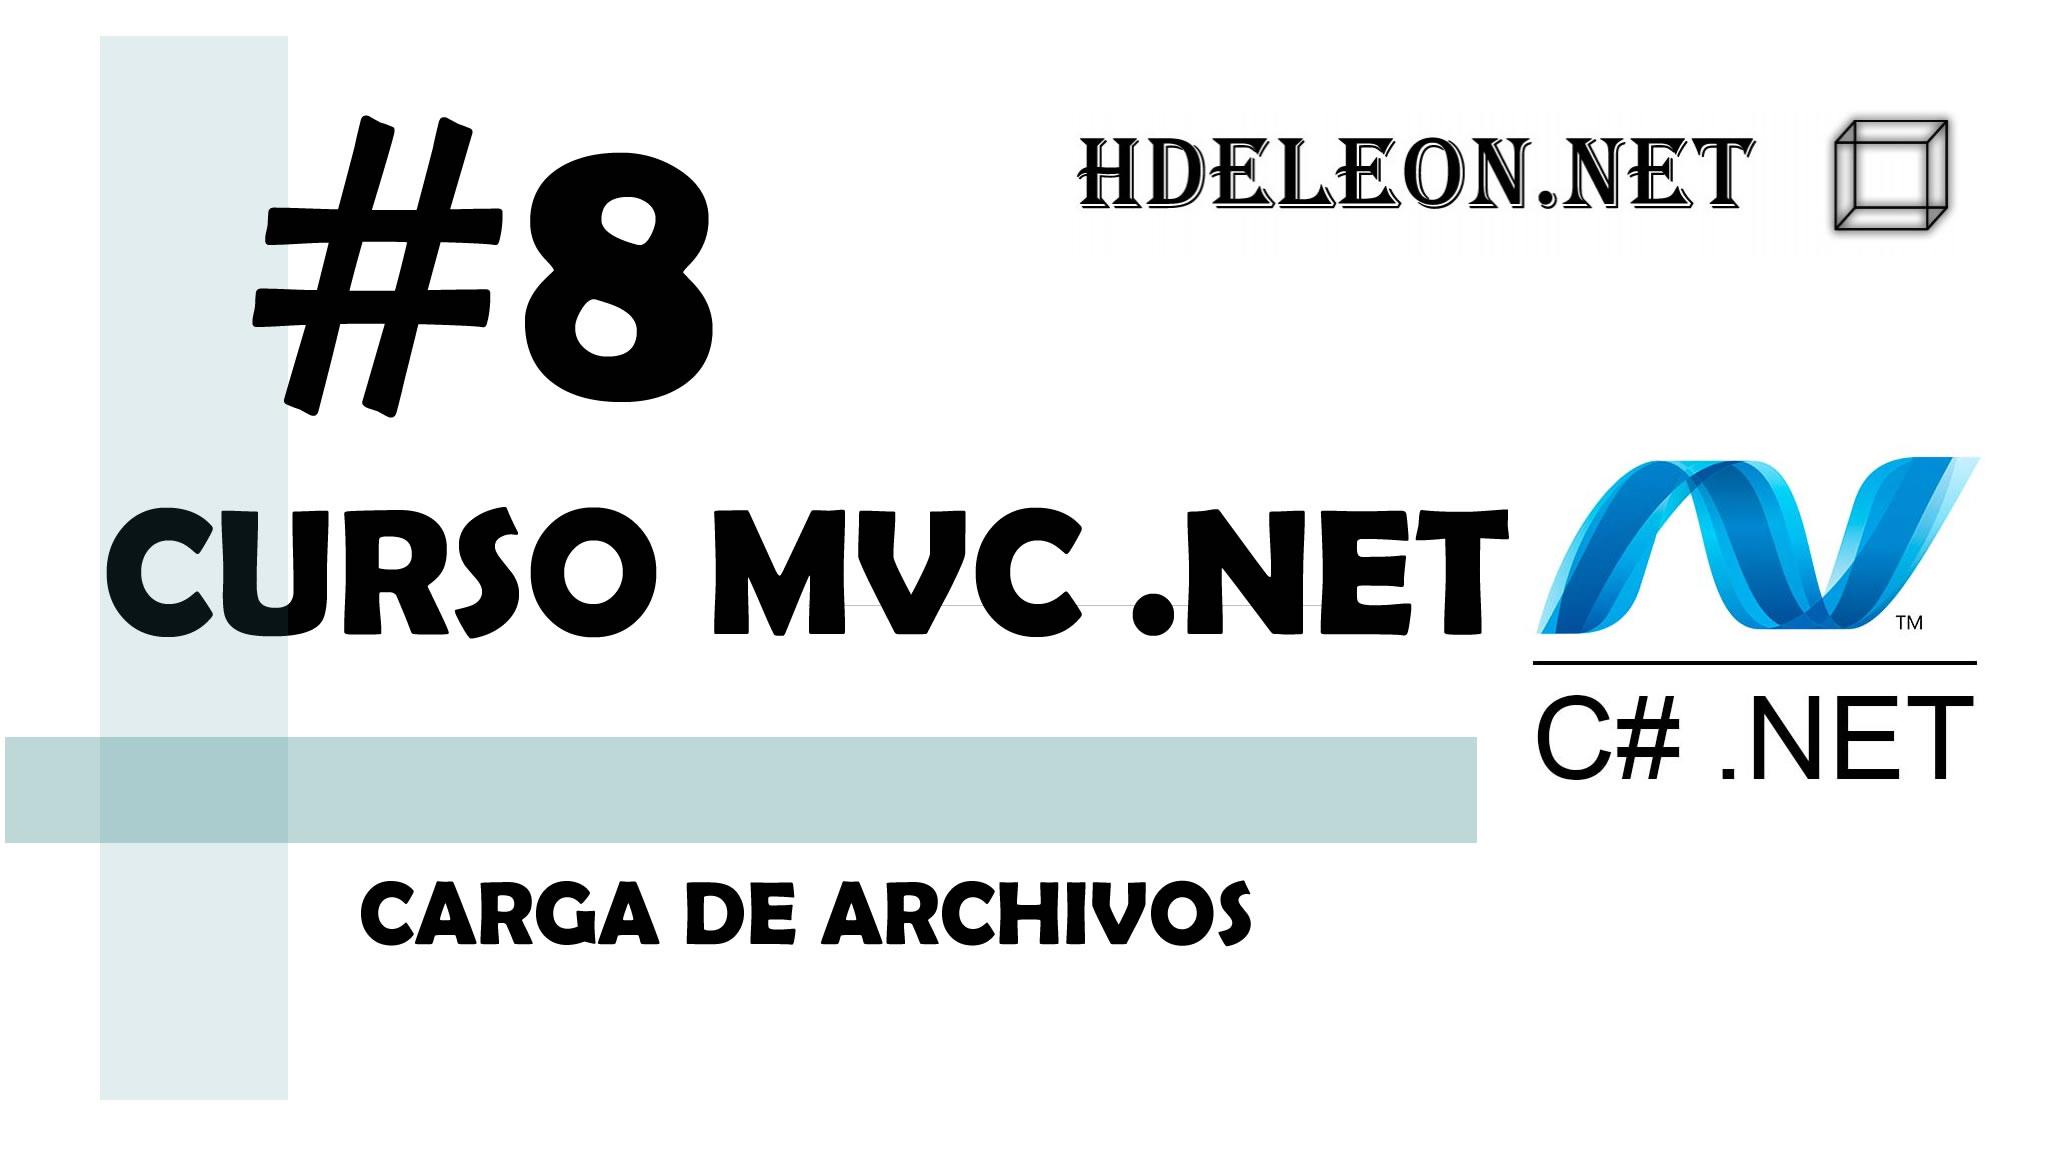 Curso de MVC .Net C#, Carga de archivos, #8